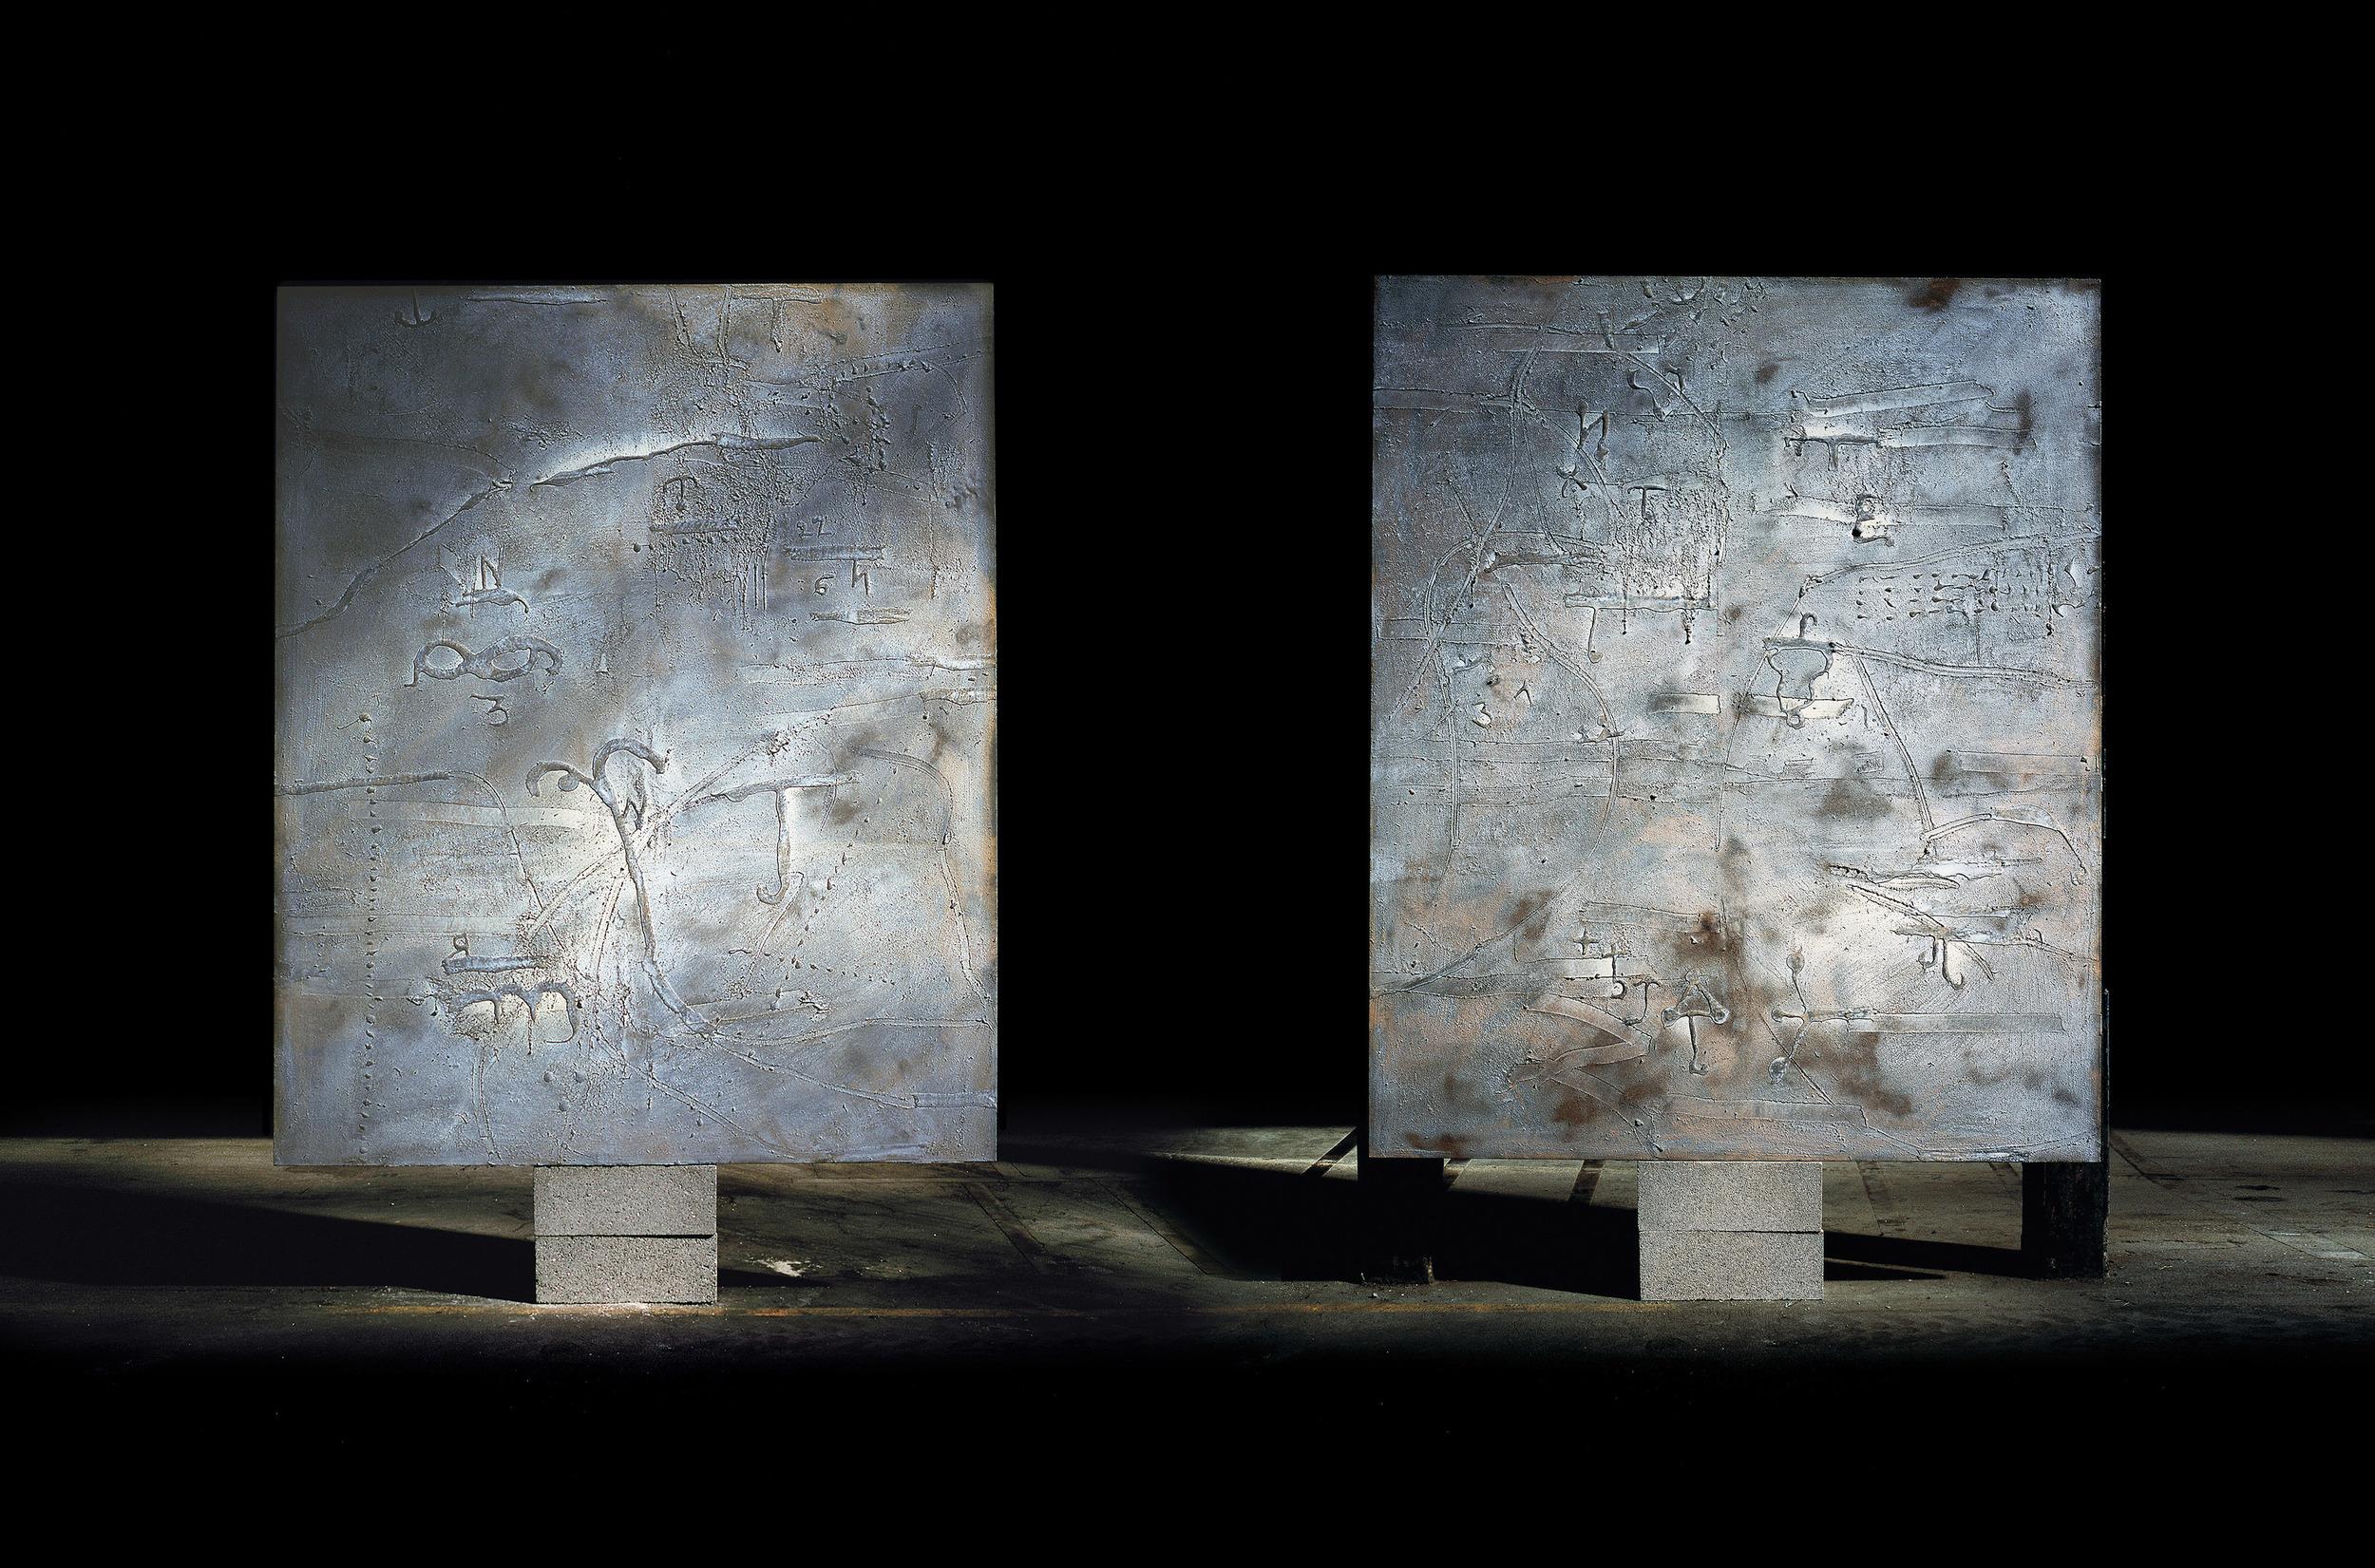 Richard texier Paintings In Workshop